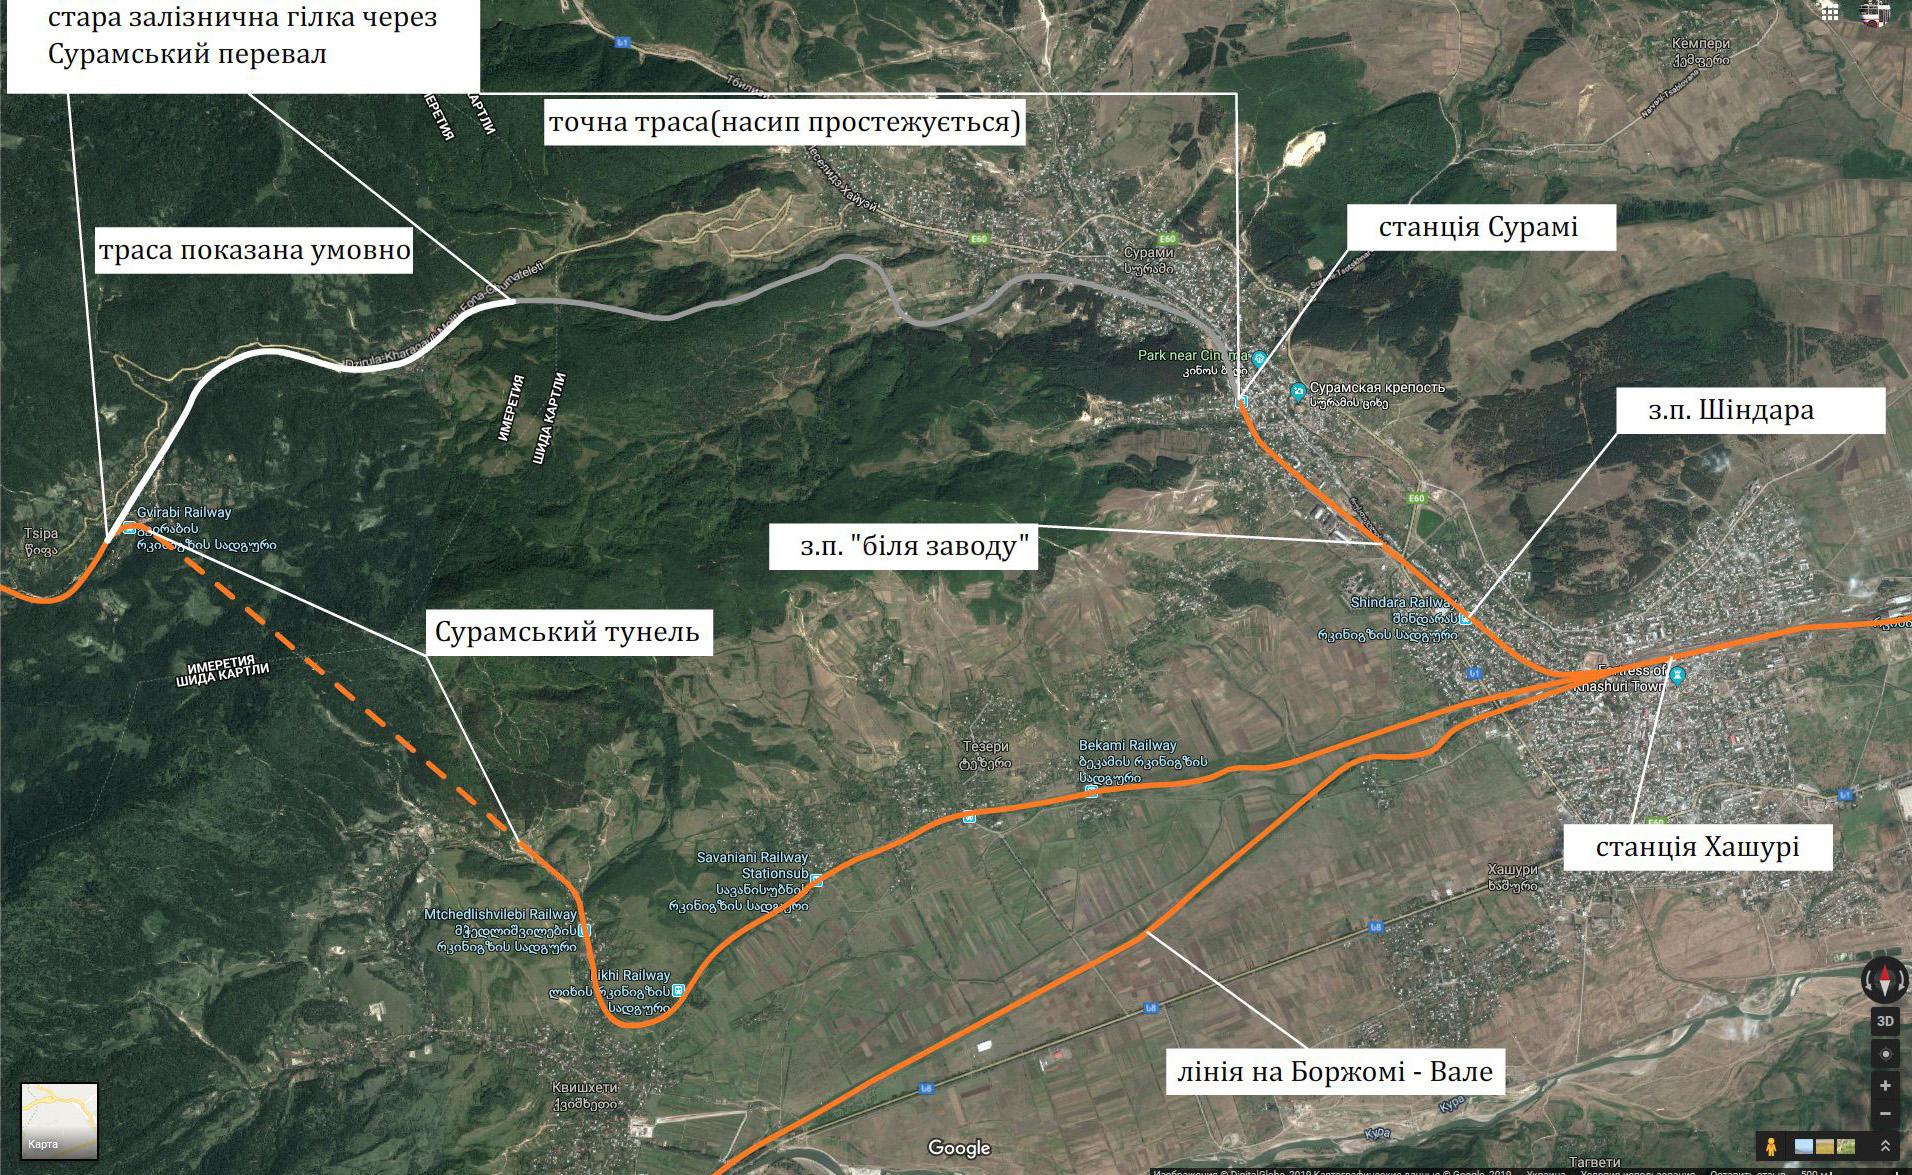 Схема залізниць в районі Сурамі. Грузія, Шида-Картлі